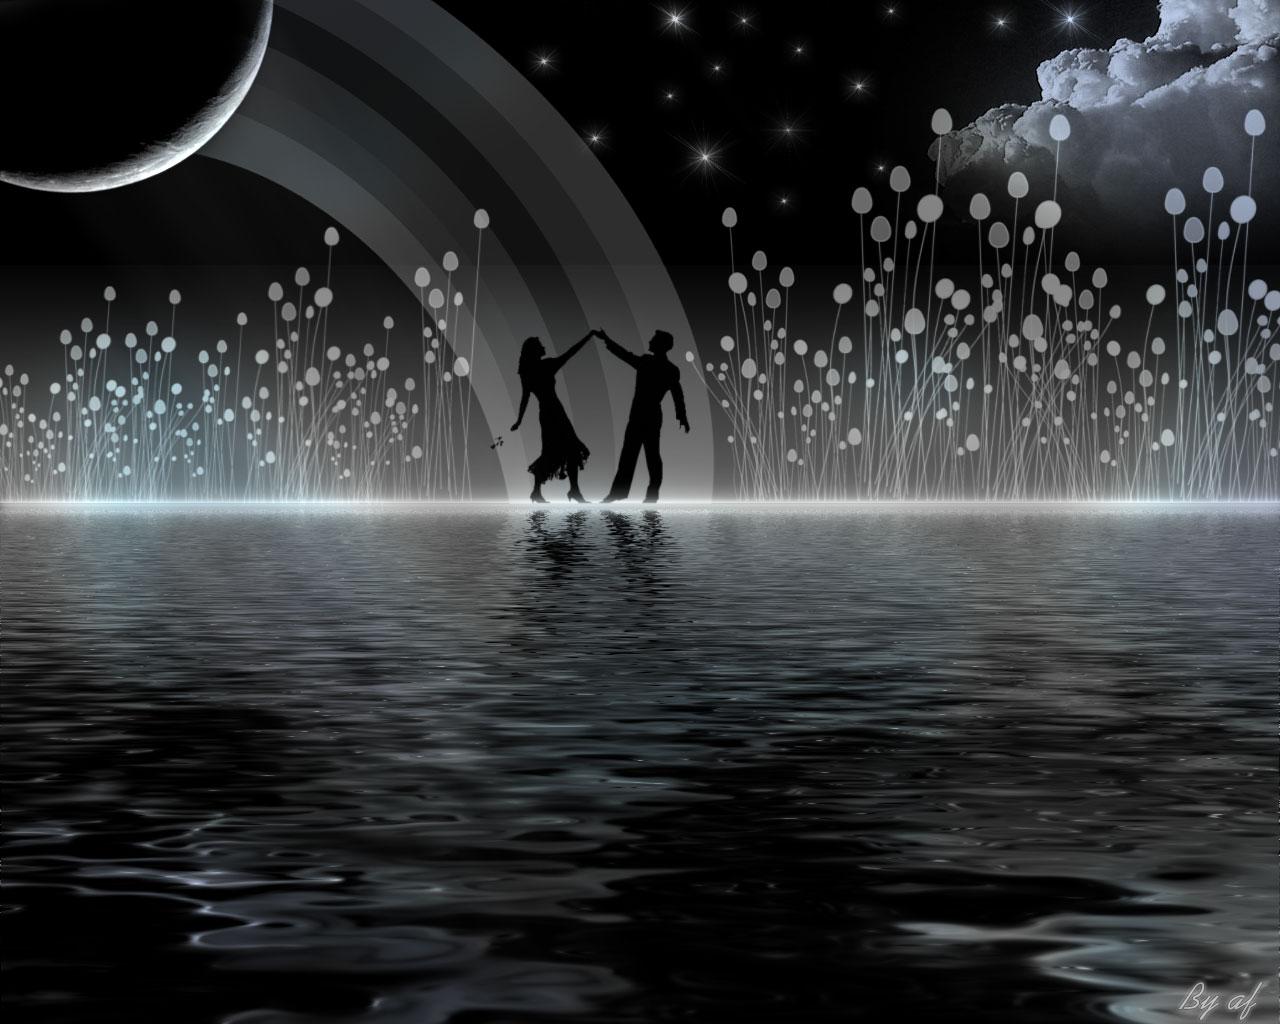 Wallpaper: Dancing in Heaven